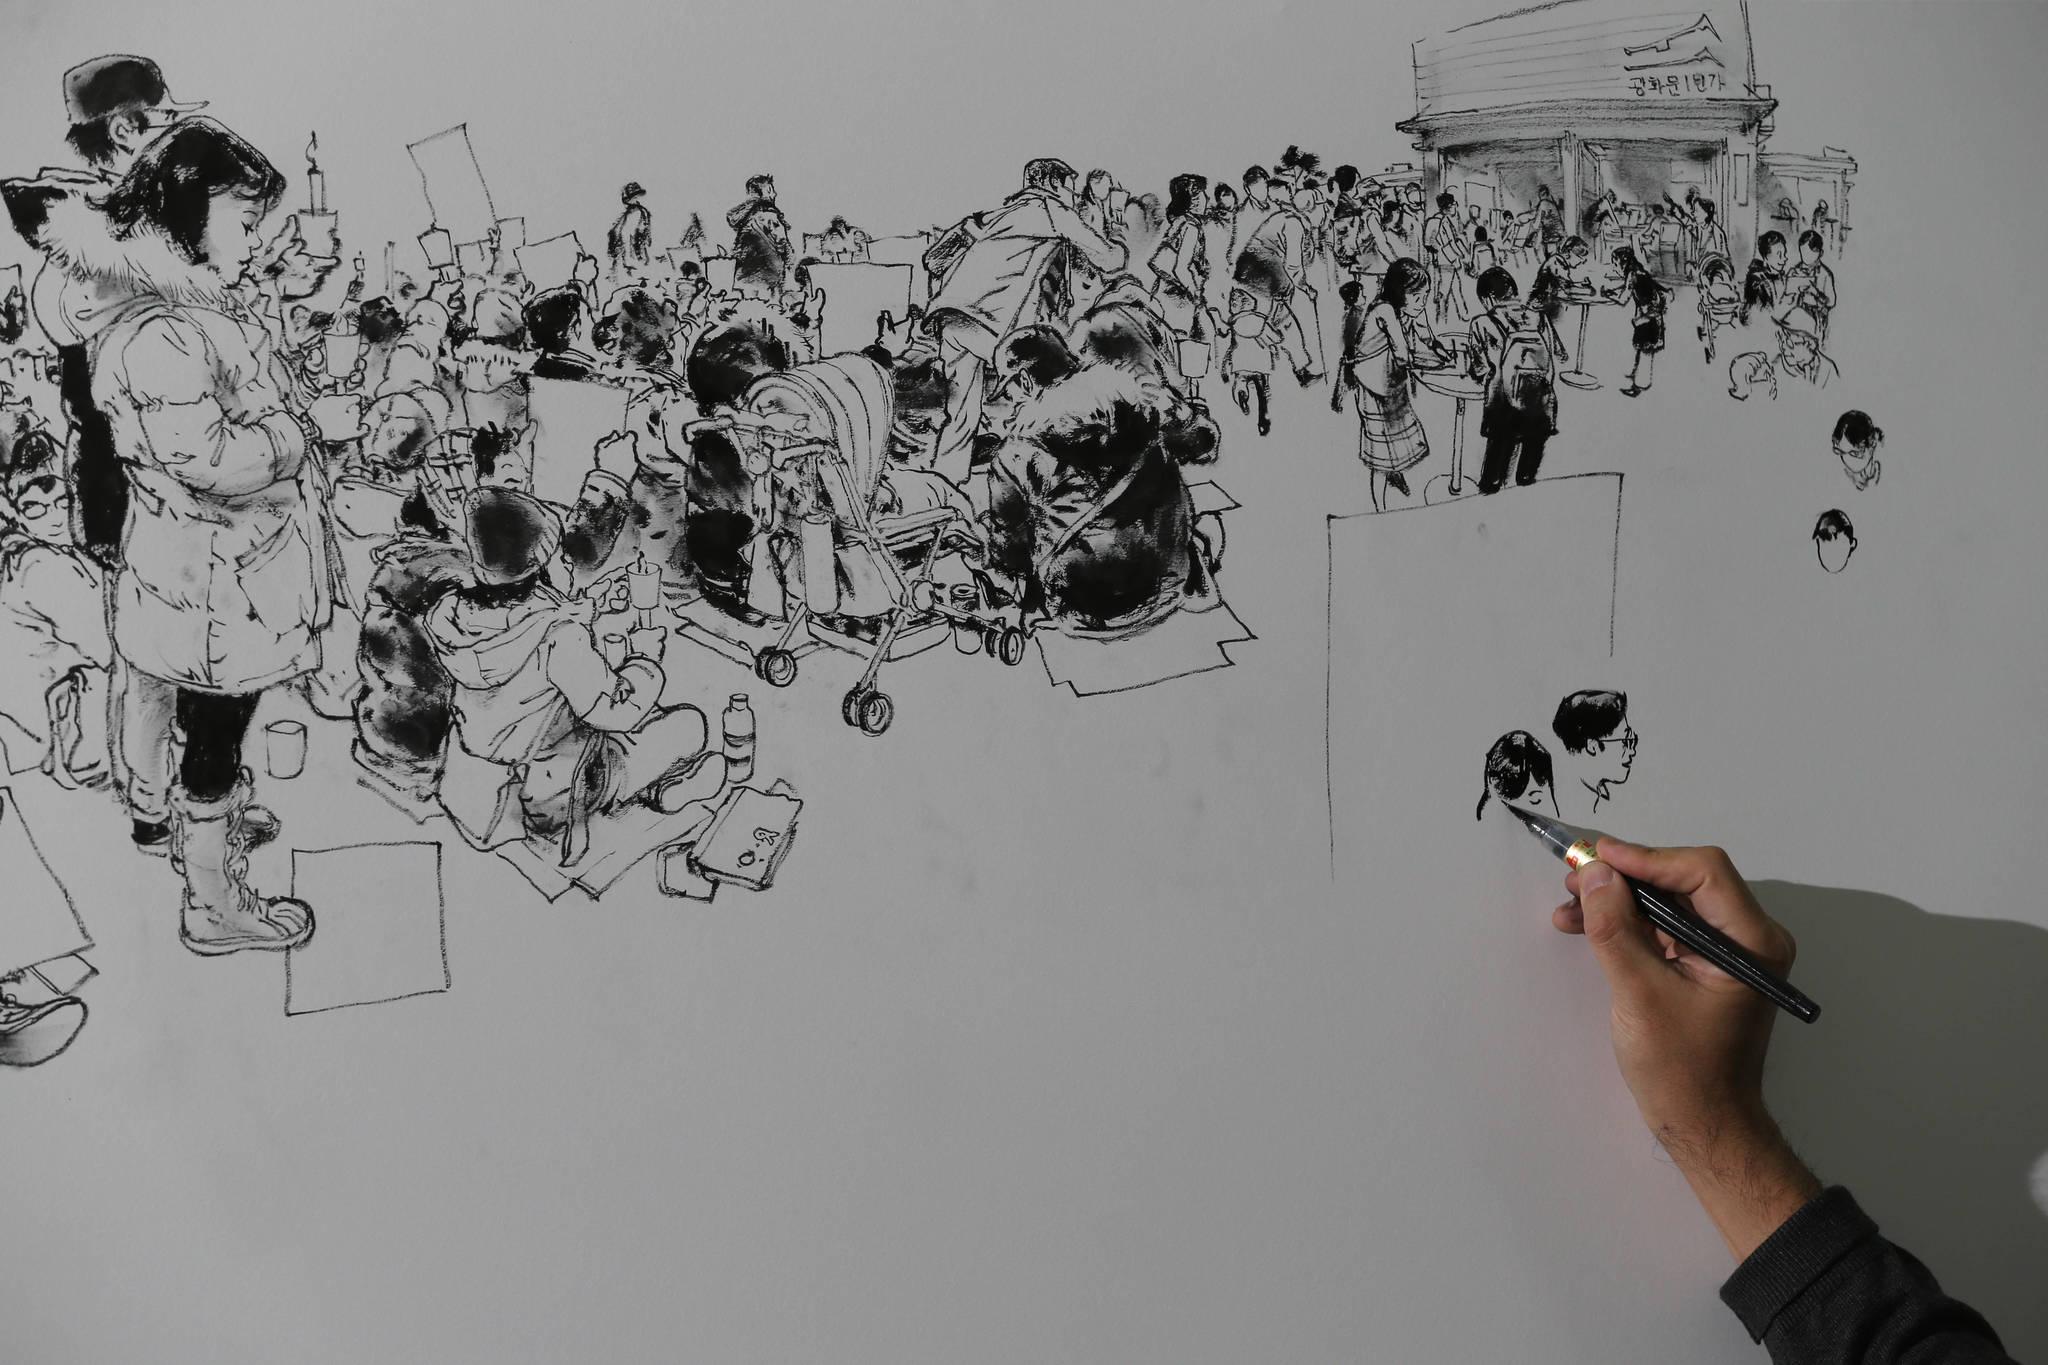 개막일인 10일, 오전 10시부터 6시간동안 김정기 작가가 대형 보드에 그림을 그리는 라이브 드로잉쇼를 하고 있다. 신인섭 기자